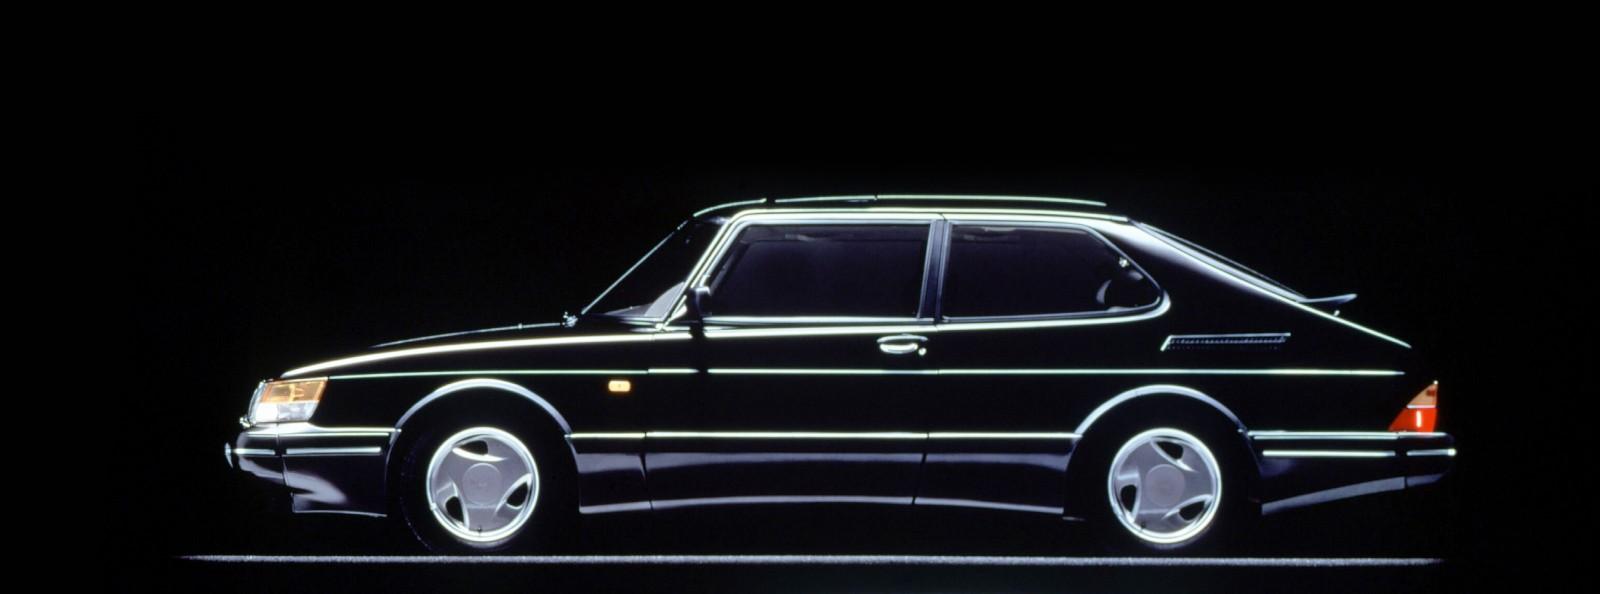 Linjerna från Saab 900 OG...